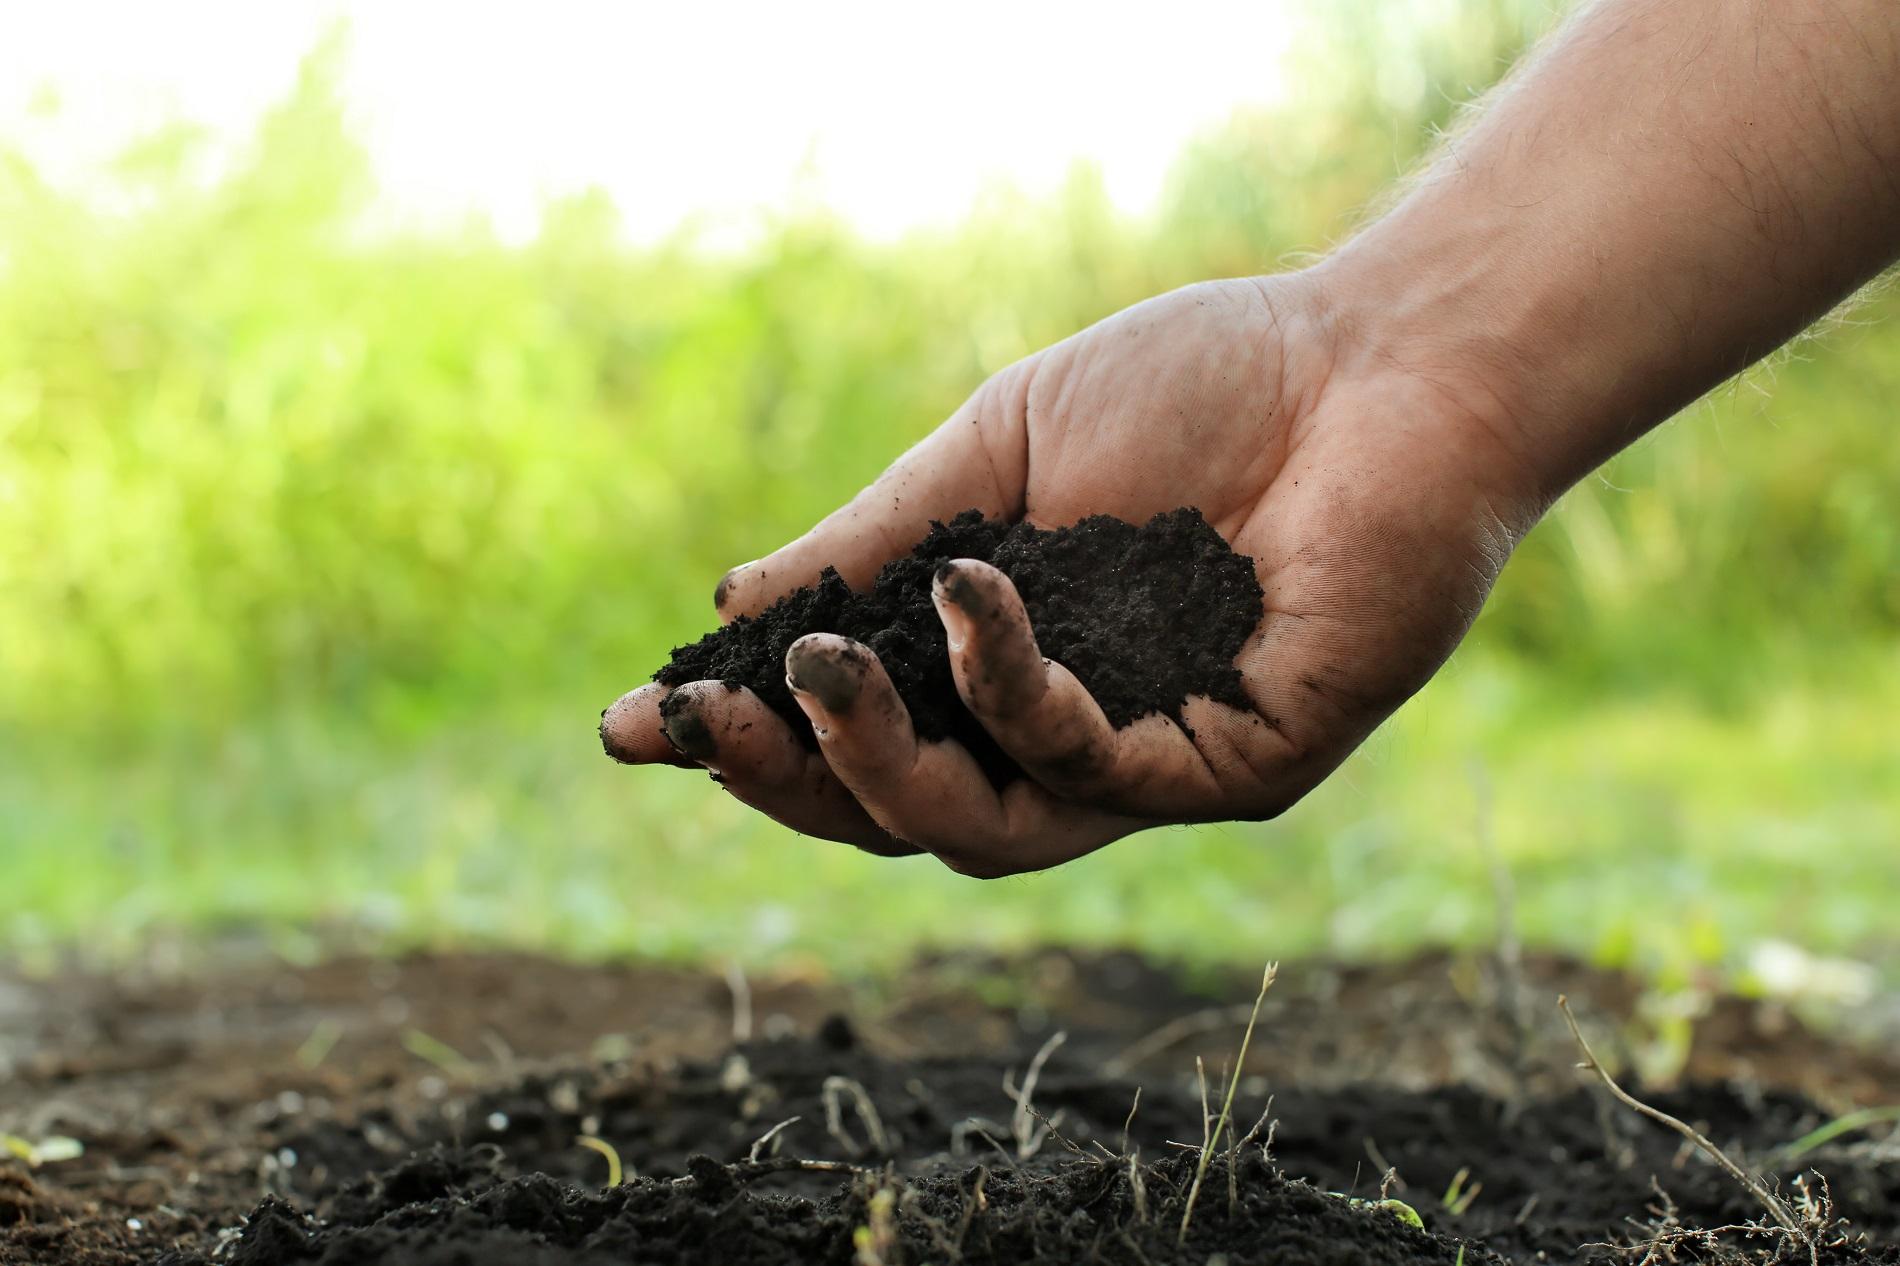 Buenas prácticas agrícolas: Prevención de la erosión del suelo